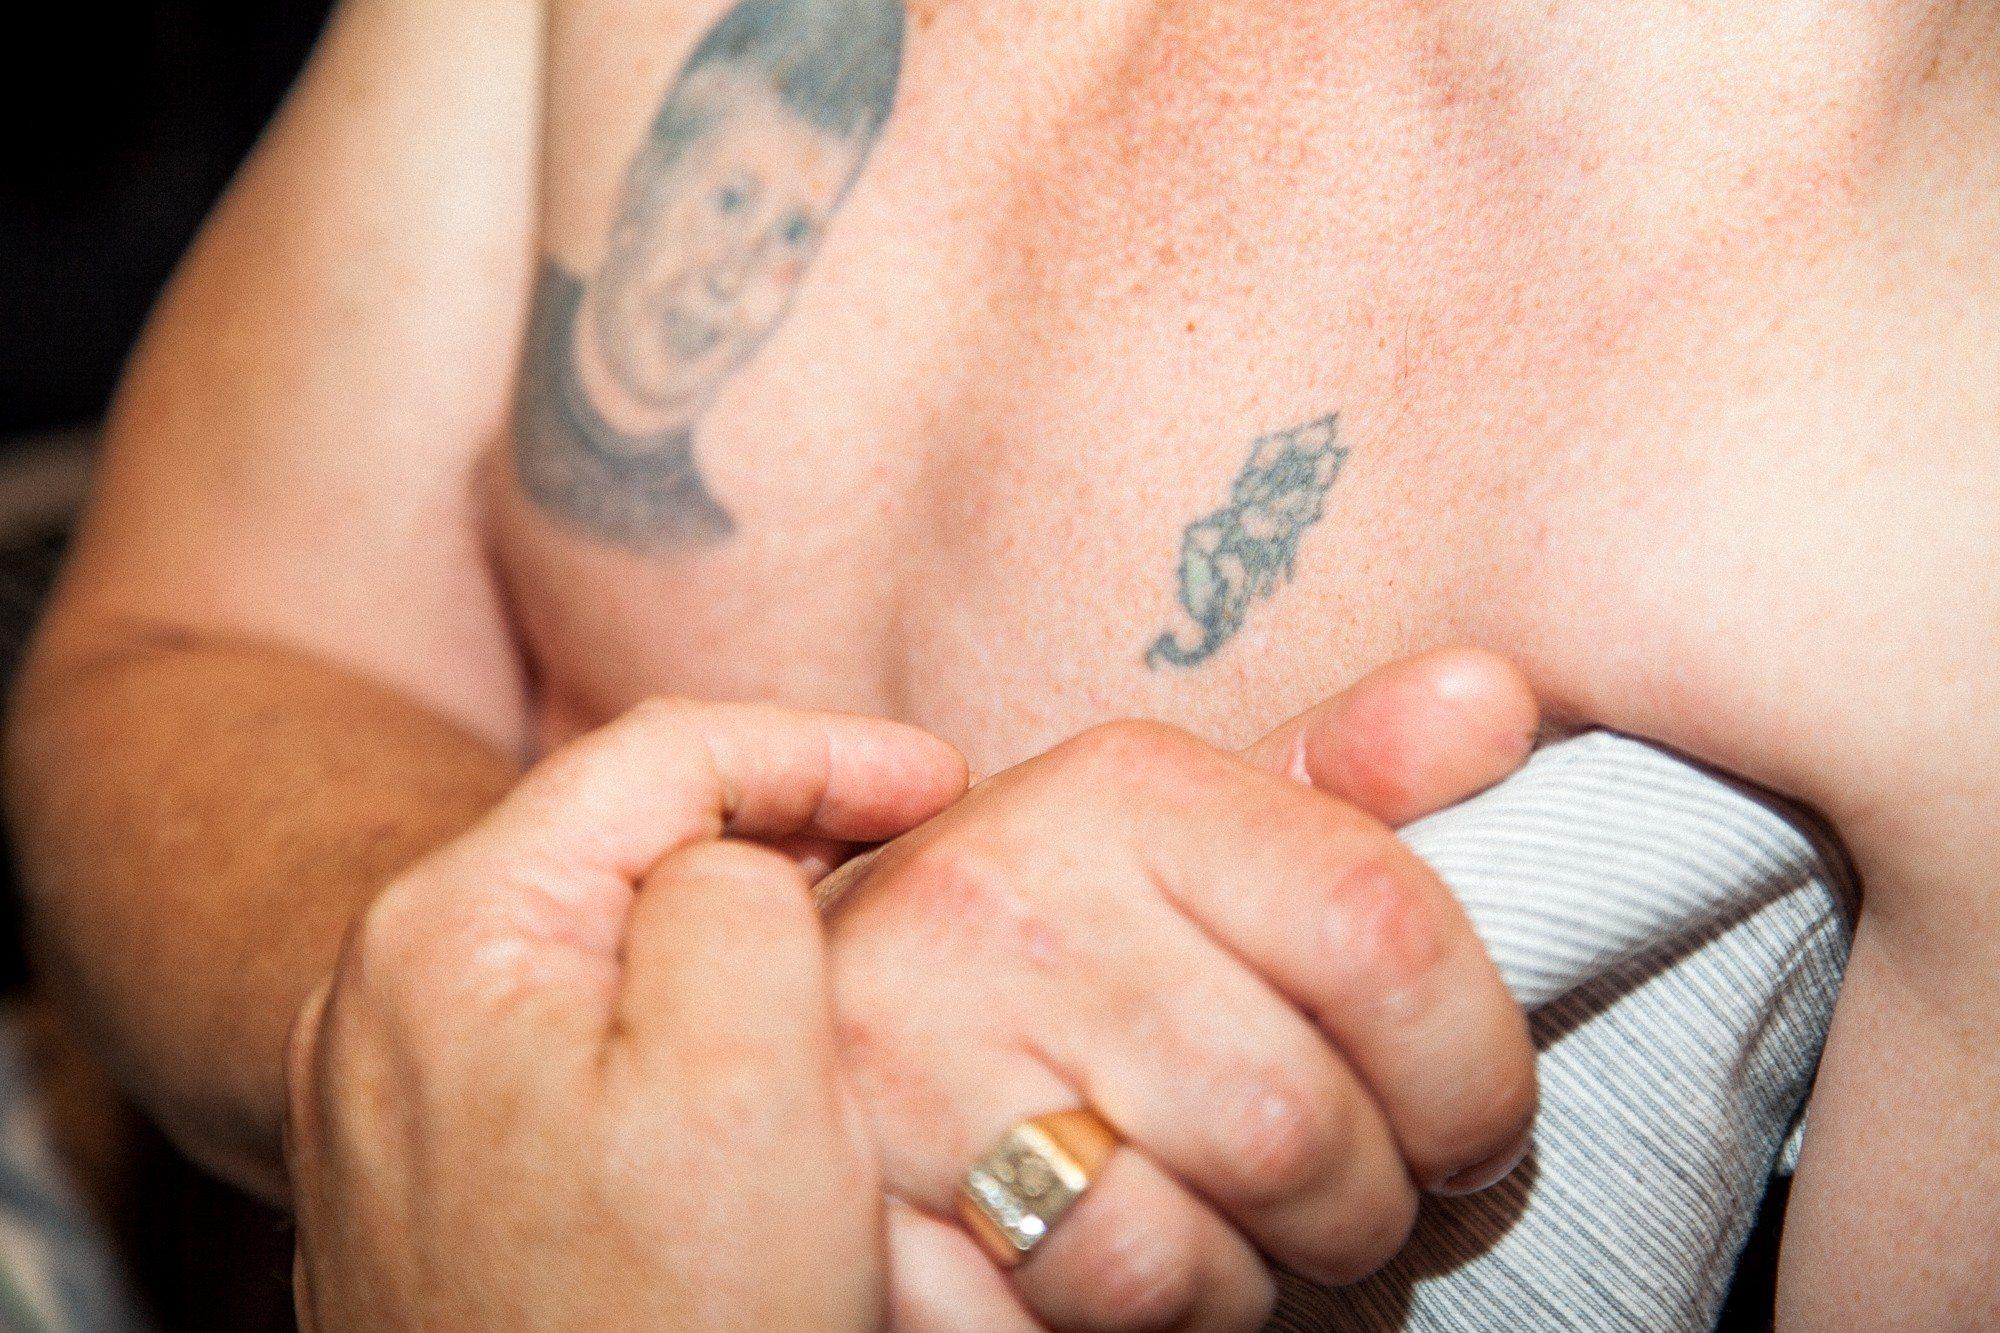 tattoo-streeter-dean-cutler-2